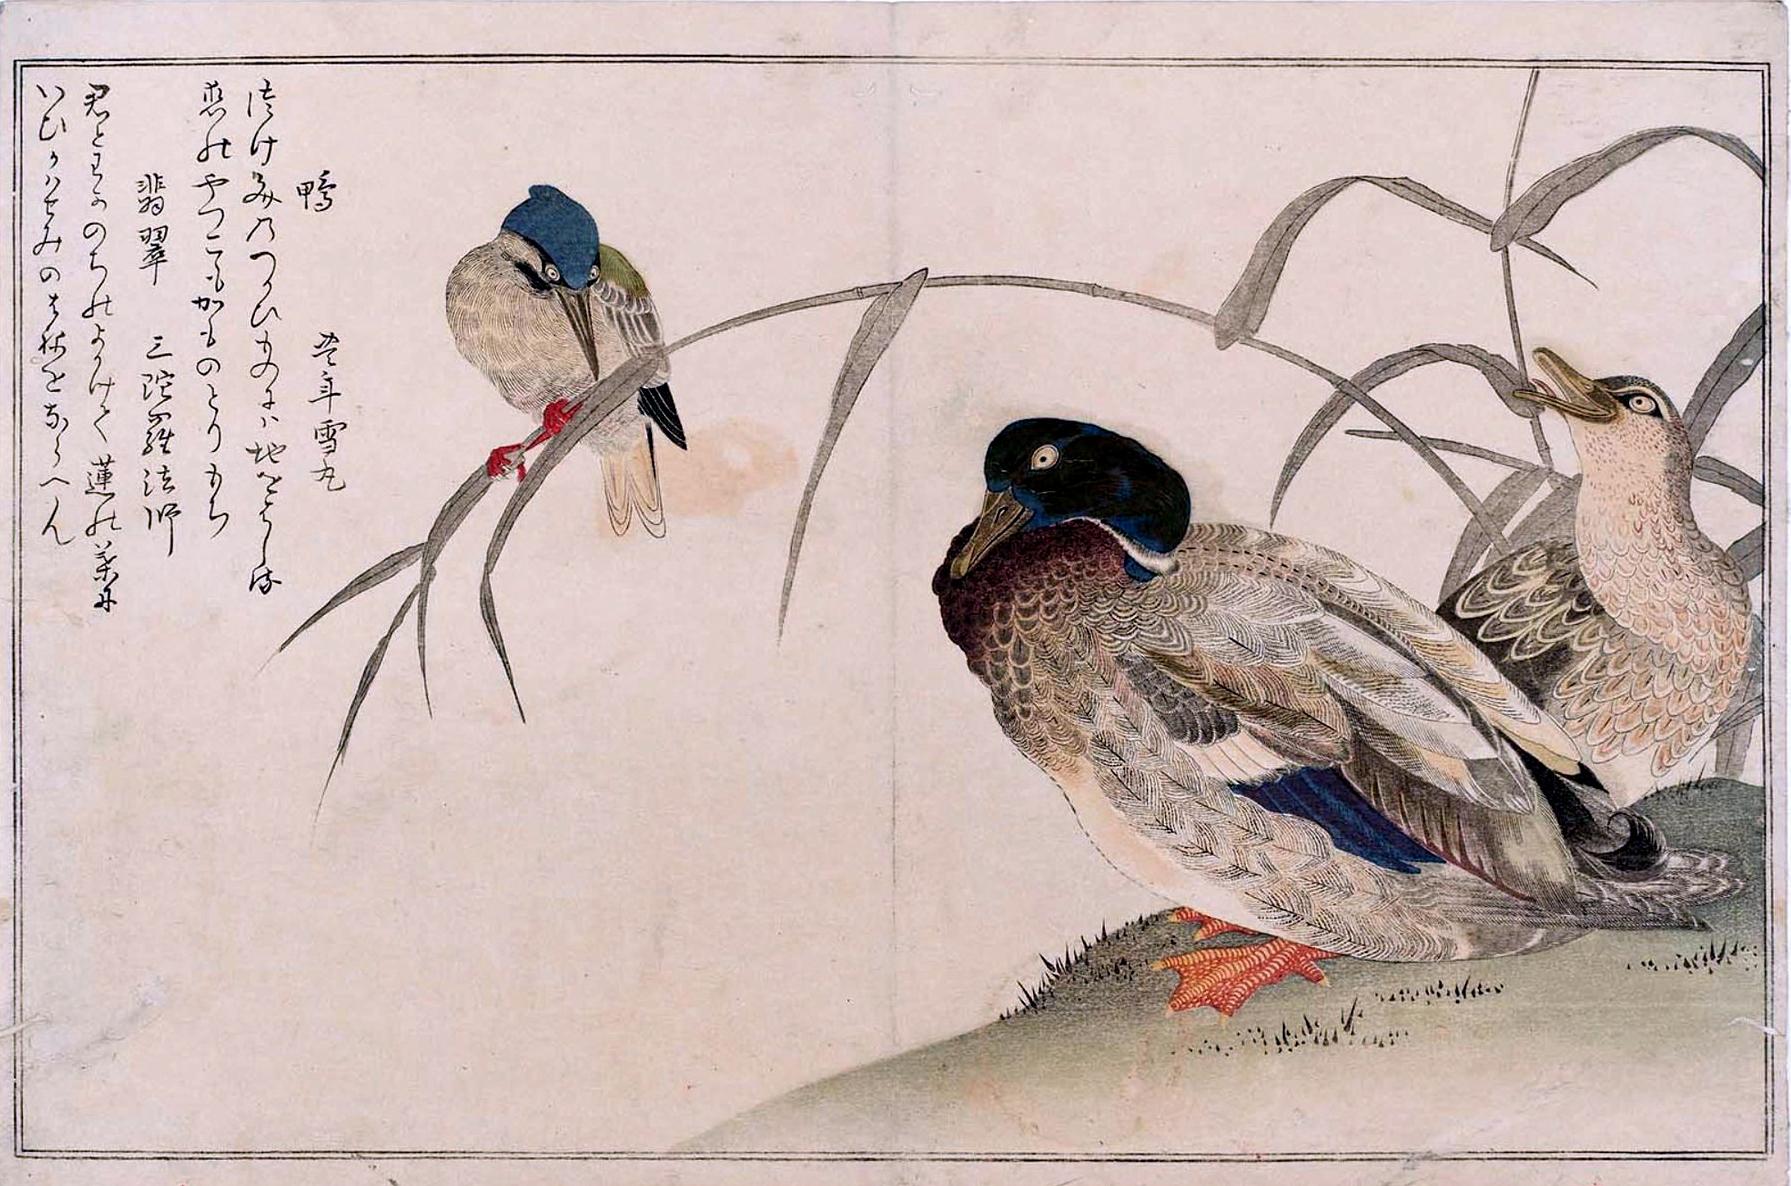 Hiroshige - L'Anatra